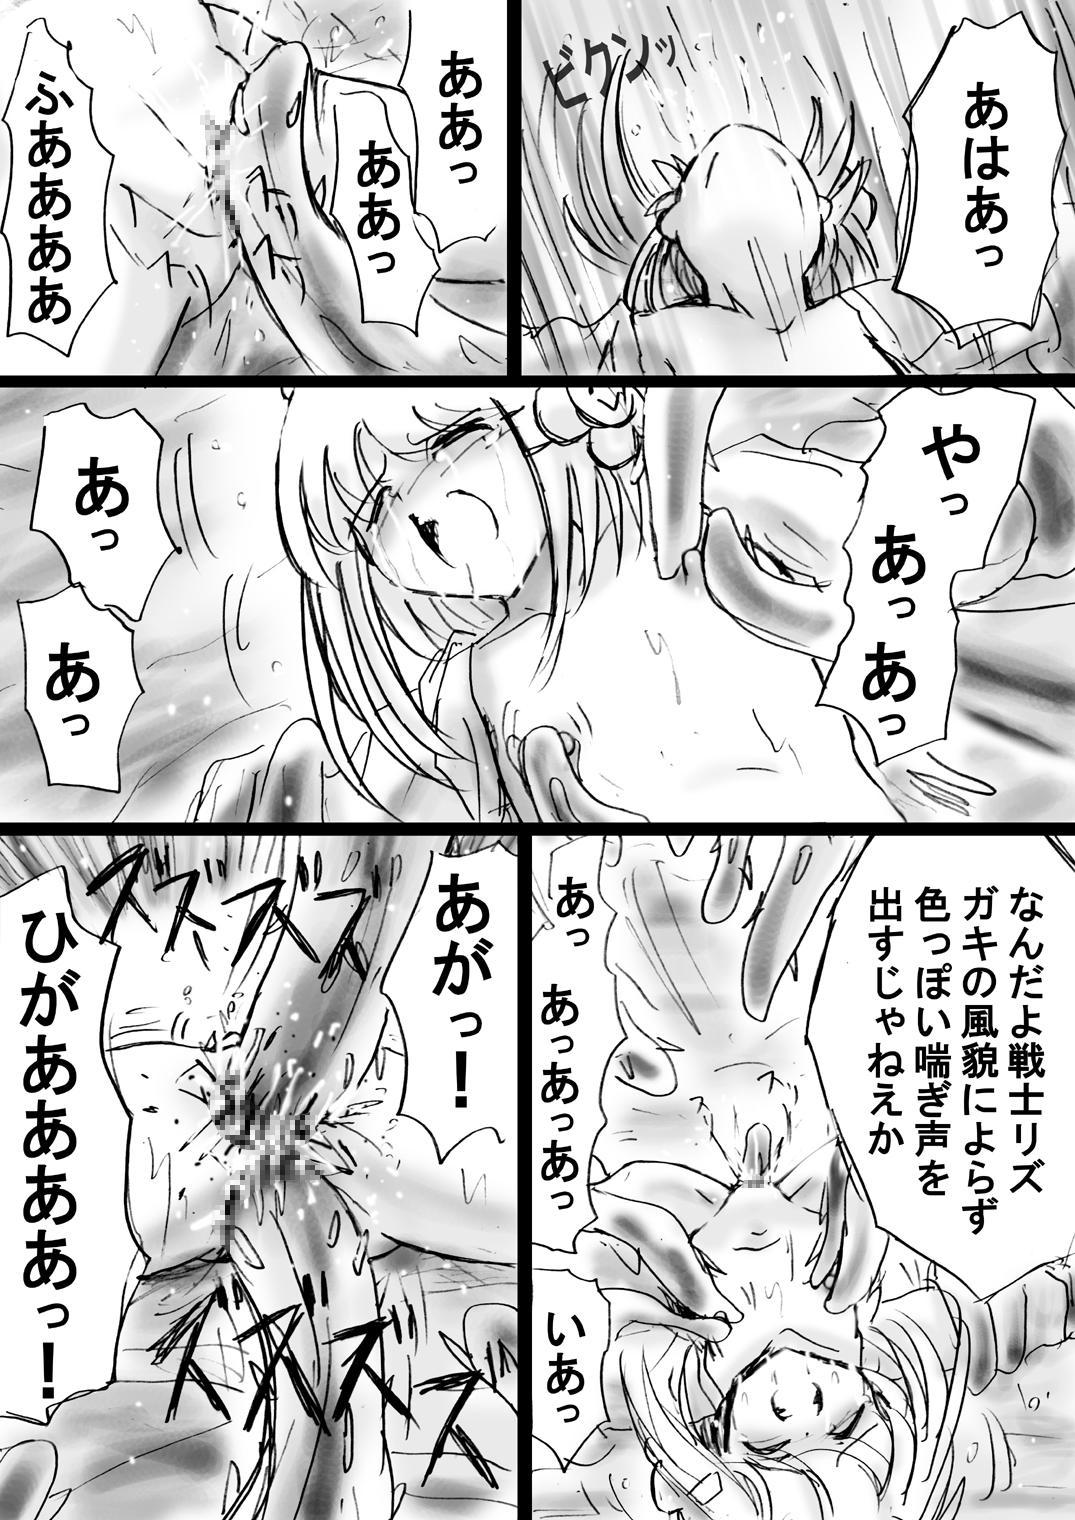 [Dende] Fushigi Sekai -Mystery World- no Nona 17 ~ Taiketsu Fujimi no Dai Inma Dakurasu, Kanzen Sekka no Kyoufu 46